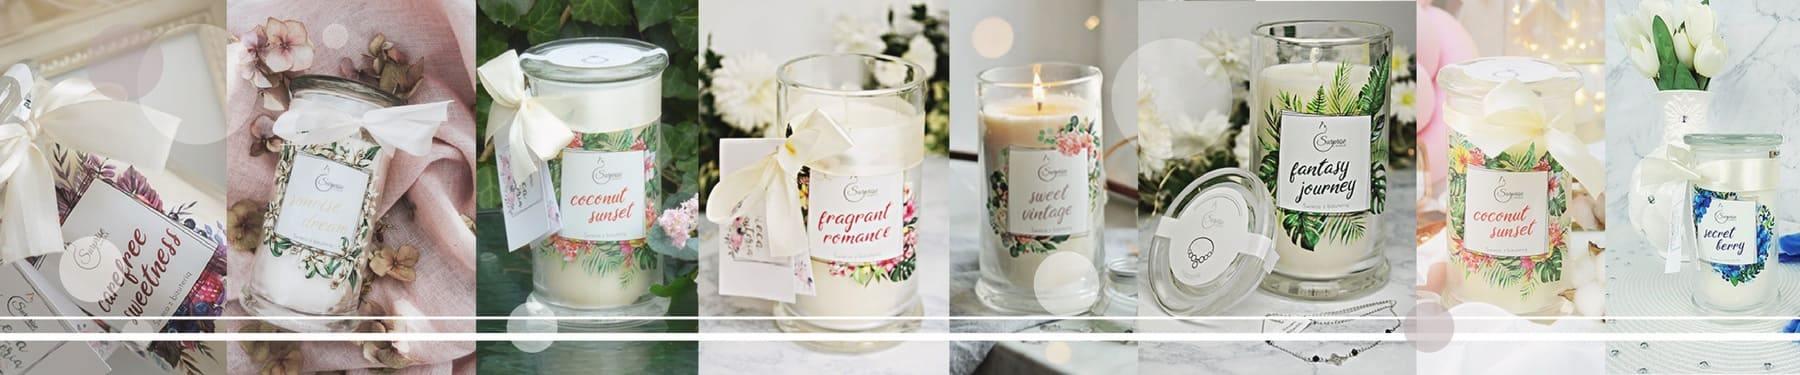 Kolekcja świec zapachowych Surprise Candle